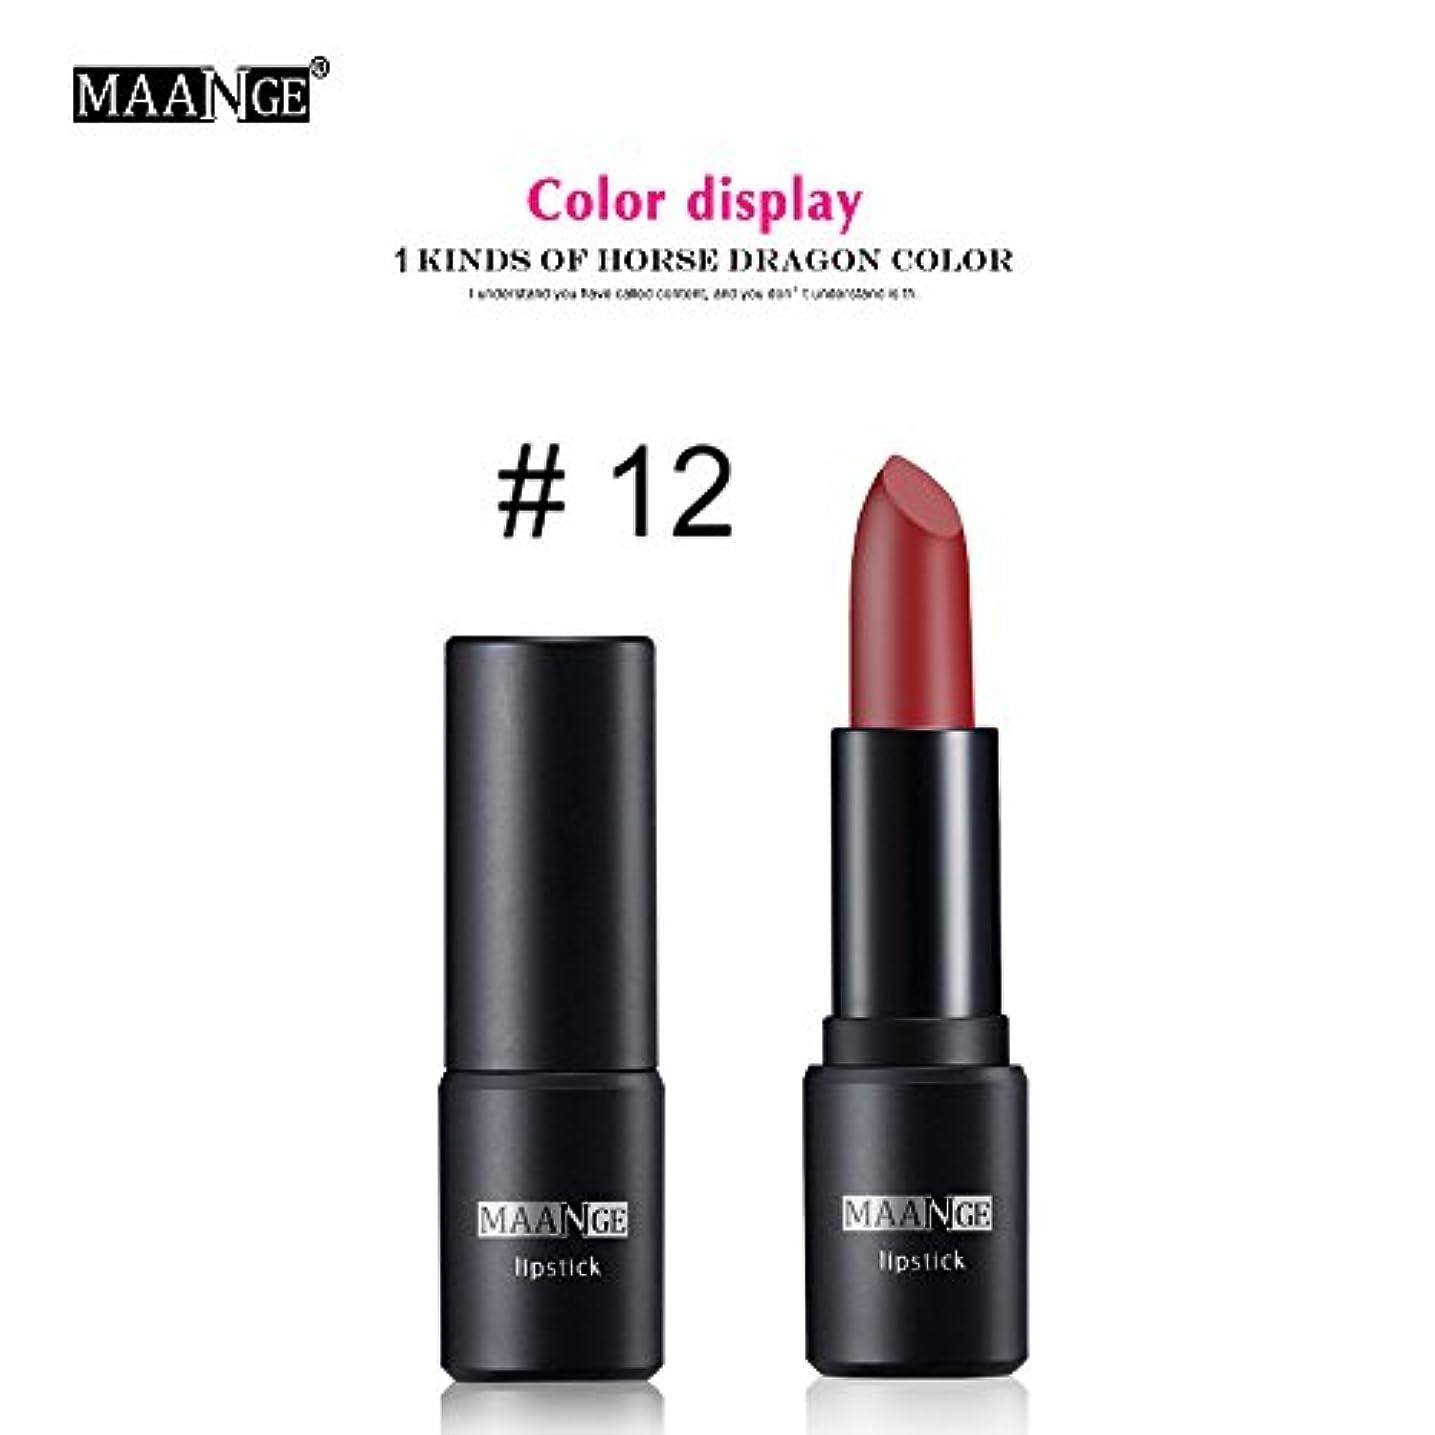 不倫女性幻滅するほお紅のリップグロスキラキラアイシャドウパレットメイクアップキットブラシ化粧品セット